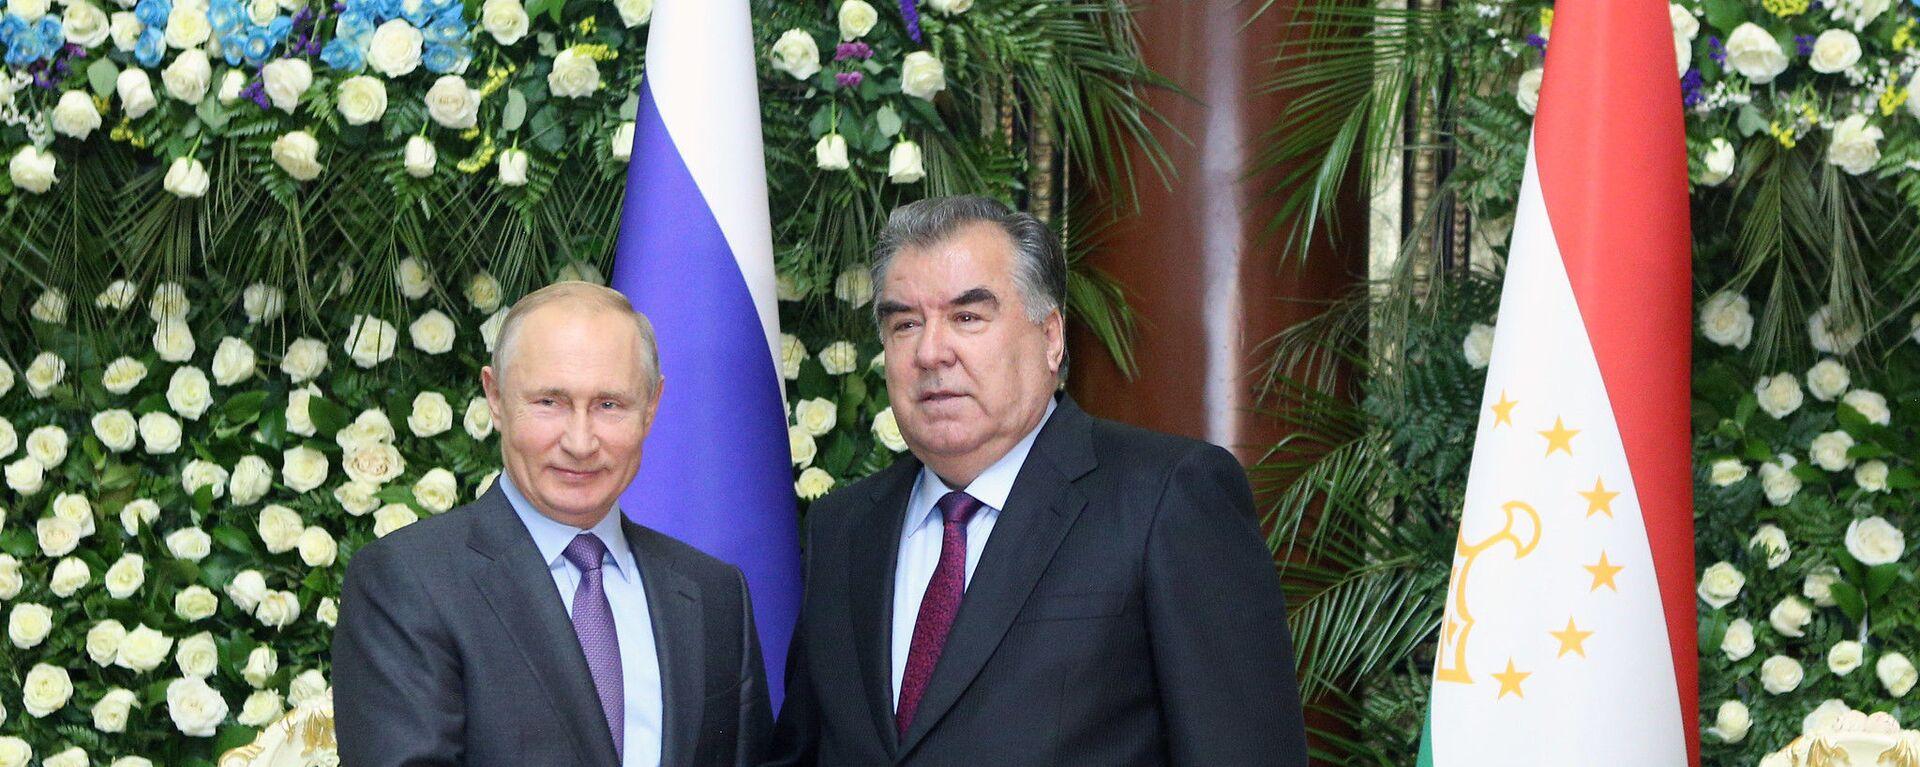 Рабочий визит президента РФ В. Путина в Таджикистан для участия в СВМДА - Sputnik Таджикистан, 1920, 08.09.2021